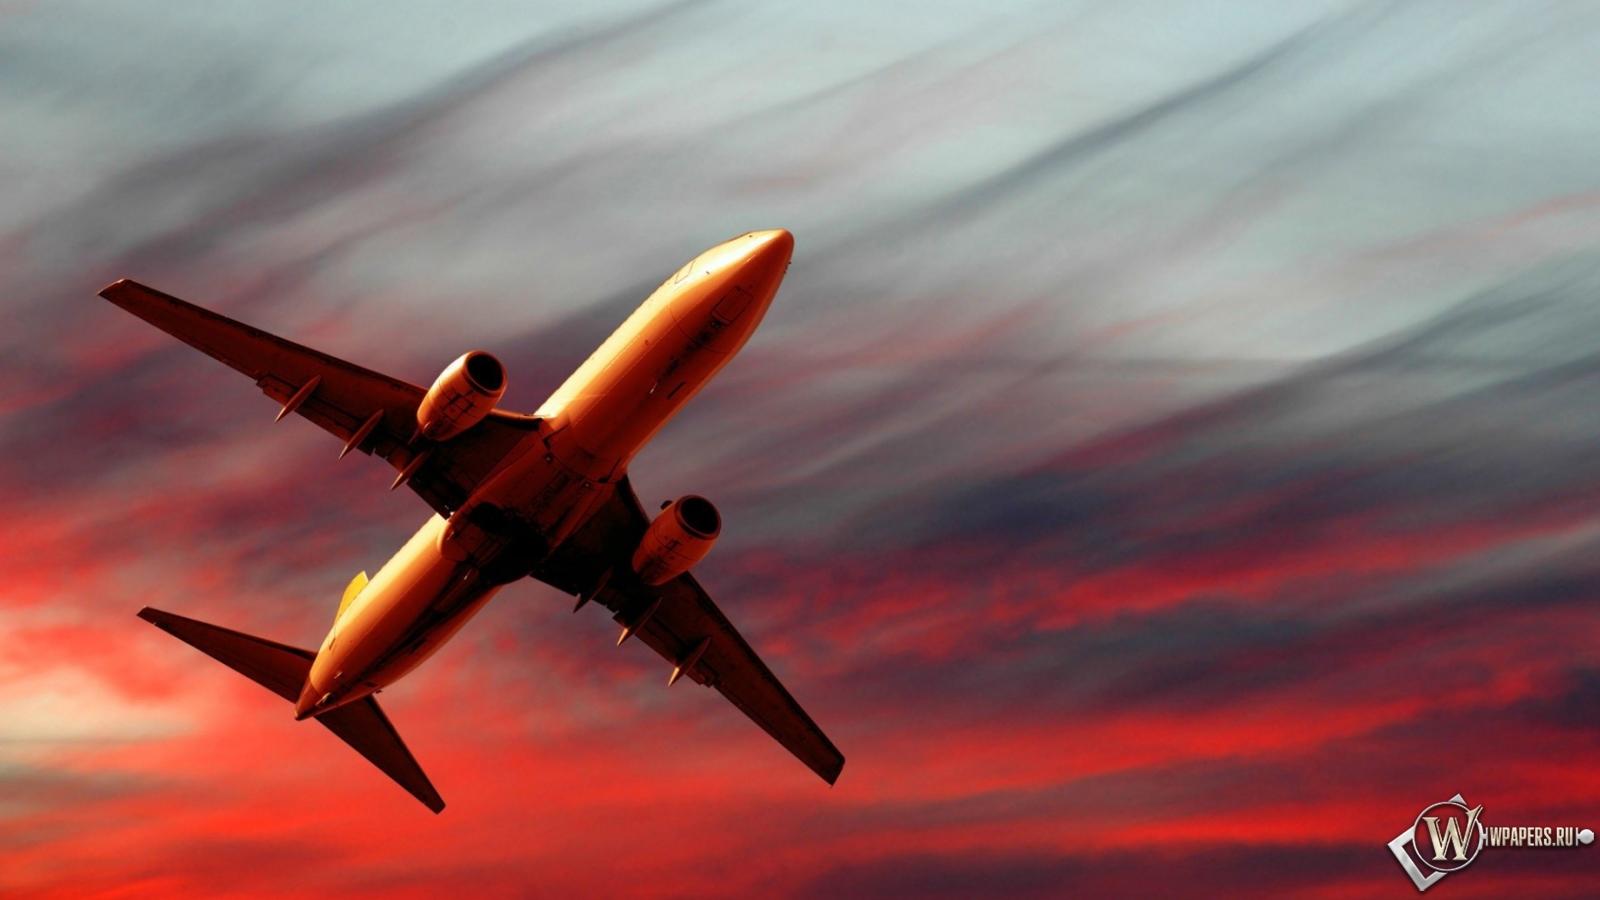 Полет самолета на закате 1600x900